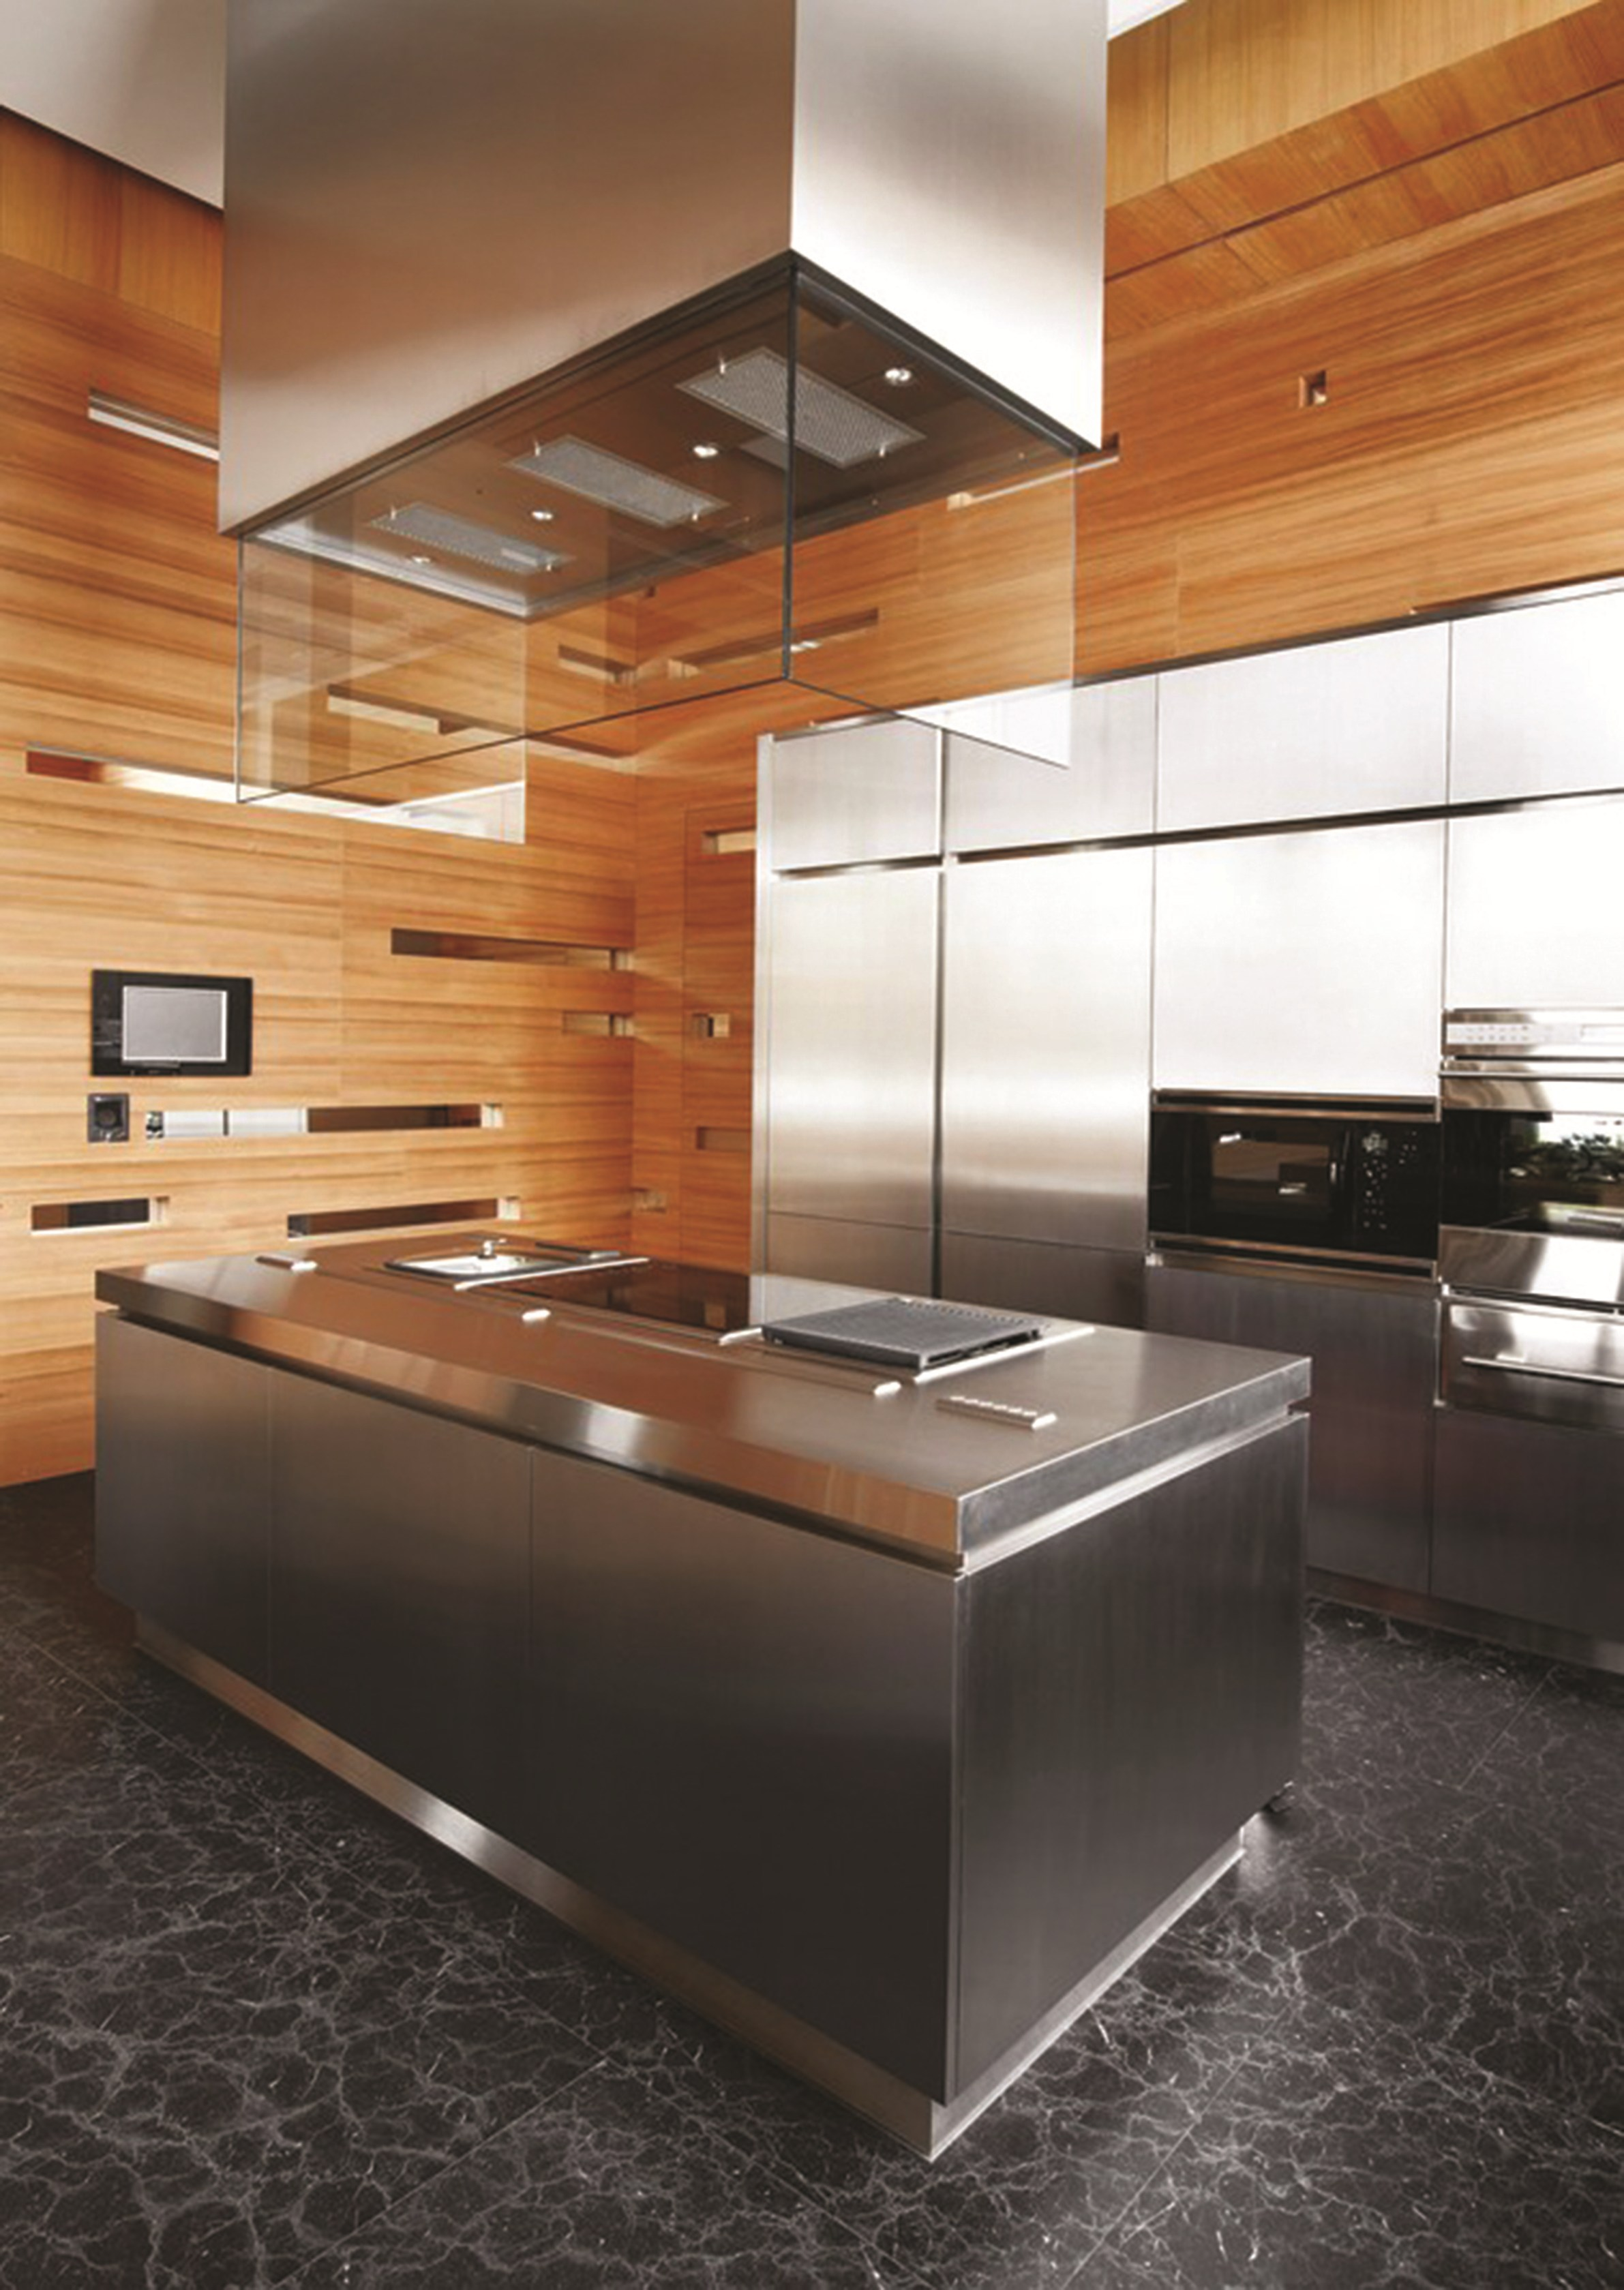 Cucina in acciaio inox npu progr inx by strato cucine - Cucine wolf italia ...